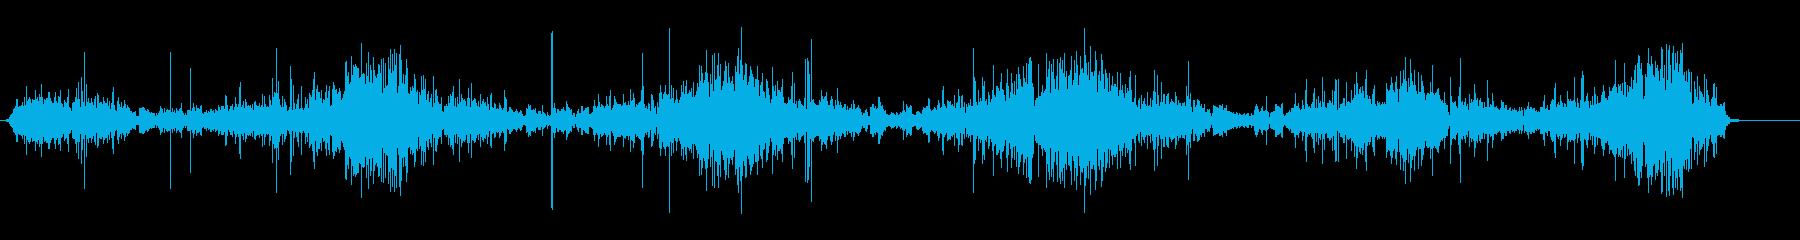 短波スキャン、ヨーロッパ、ラジオ;...の再生済みの波形